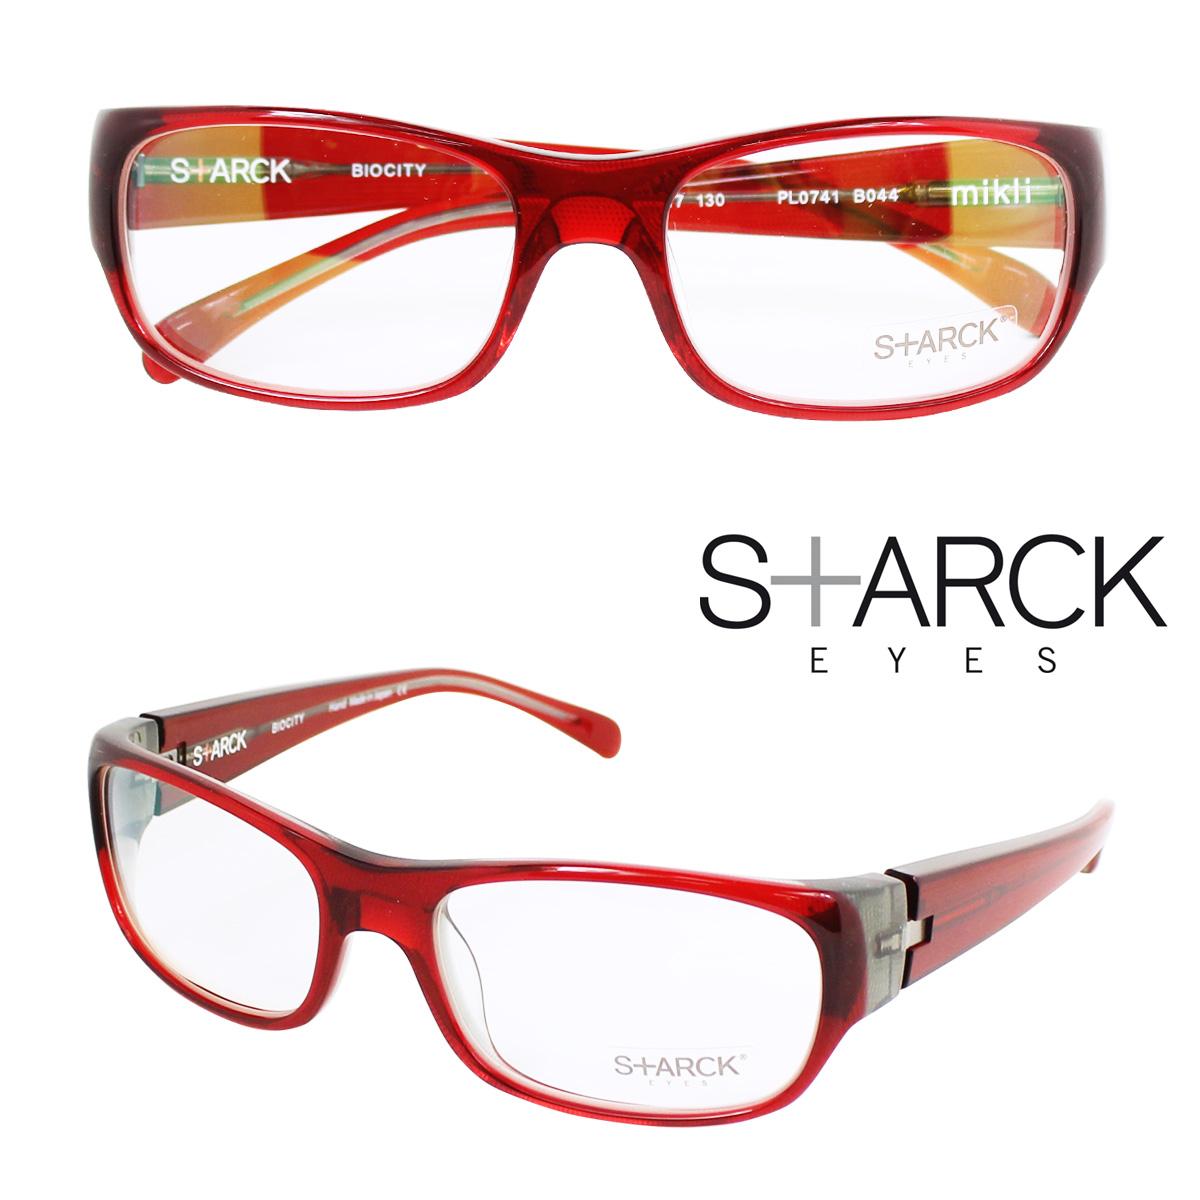 斯塔克的眼睛法理學 alain mikli Mr.Alain 眼鏡法國男裝女裝眼鏡